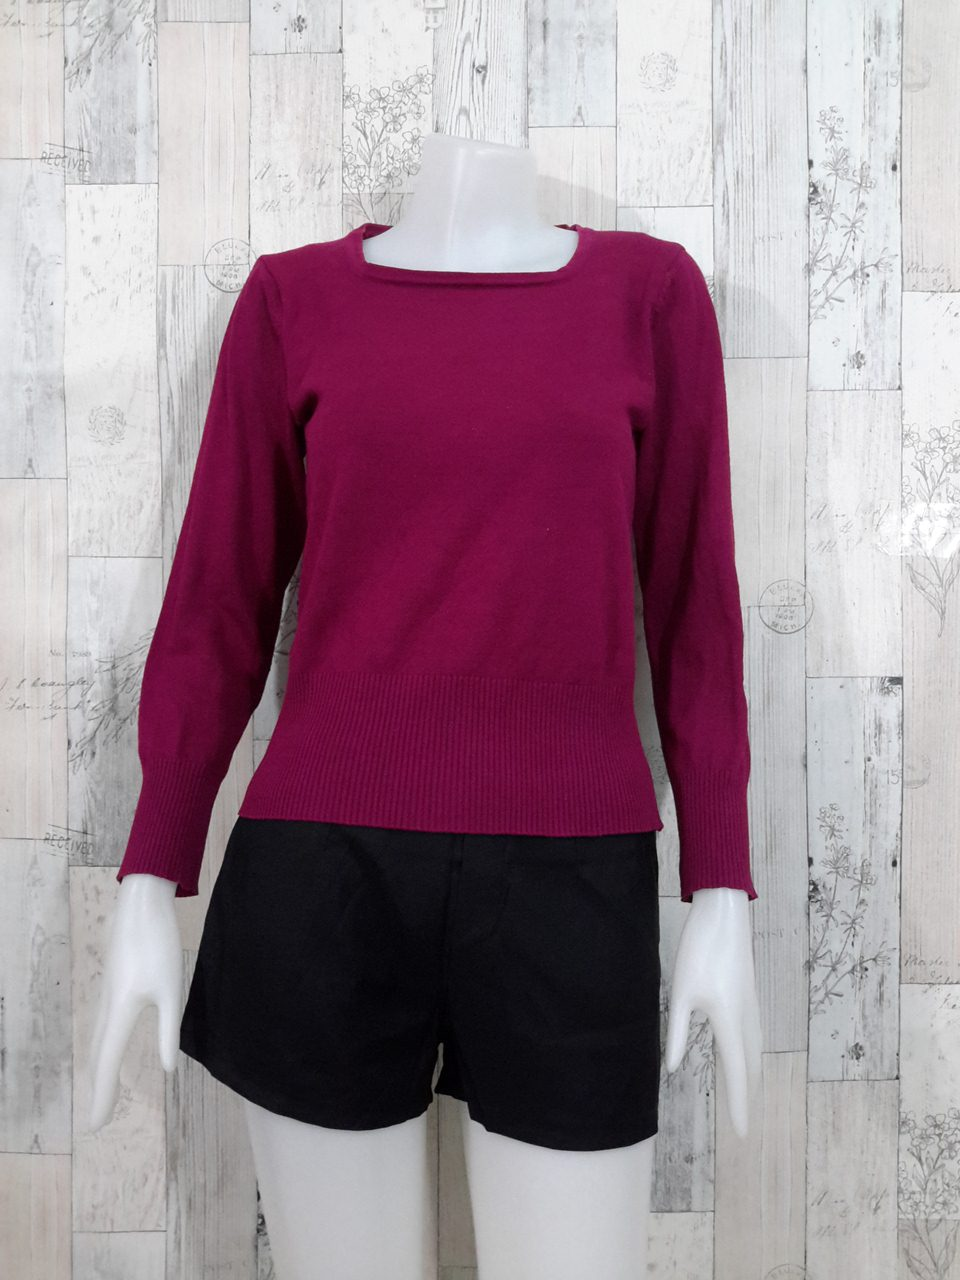 Blouse3526 2nd hand clothes เสื้อไหมพรมเนื้อแน่น(เนื้อหนาปานกลาง) แขนยาว แบบเรียบ สีพื้นม่วงเปลือกมังคุด